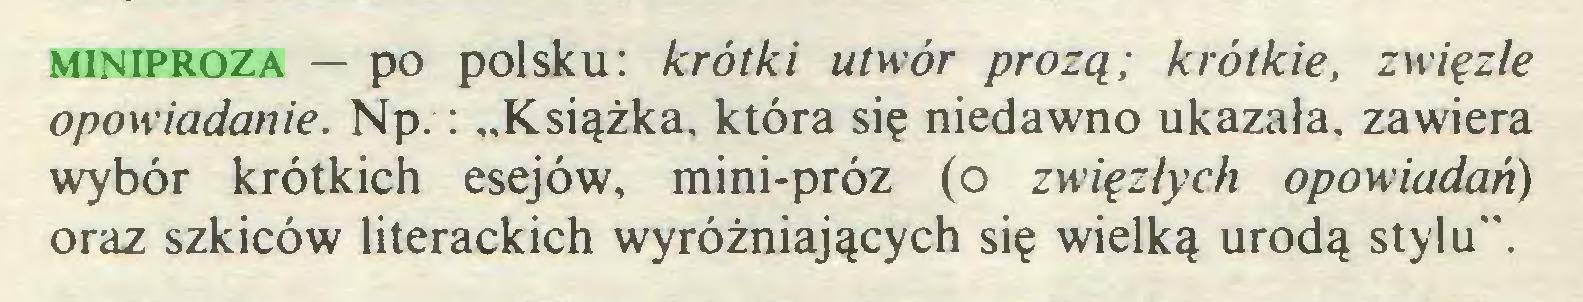 """(...) miniproza — po polsku: krótki utwór prozą; krótkie, zwięzłe opowiadanie. Np.: """"Książka, która się niedawno ukazała, zawiera wybór krótkich esejów, mini-próz (o zwięzłych opowiadań) oraz szkiców literackich wyróżniających się wielką urodą stylu""""..."""